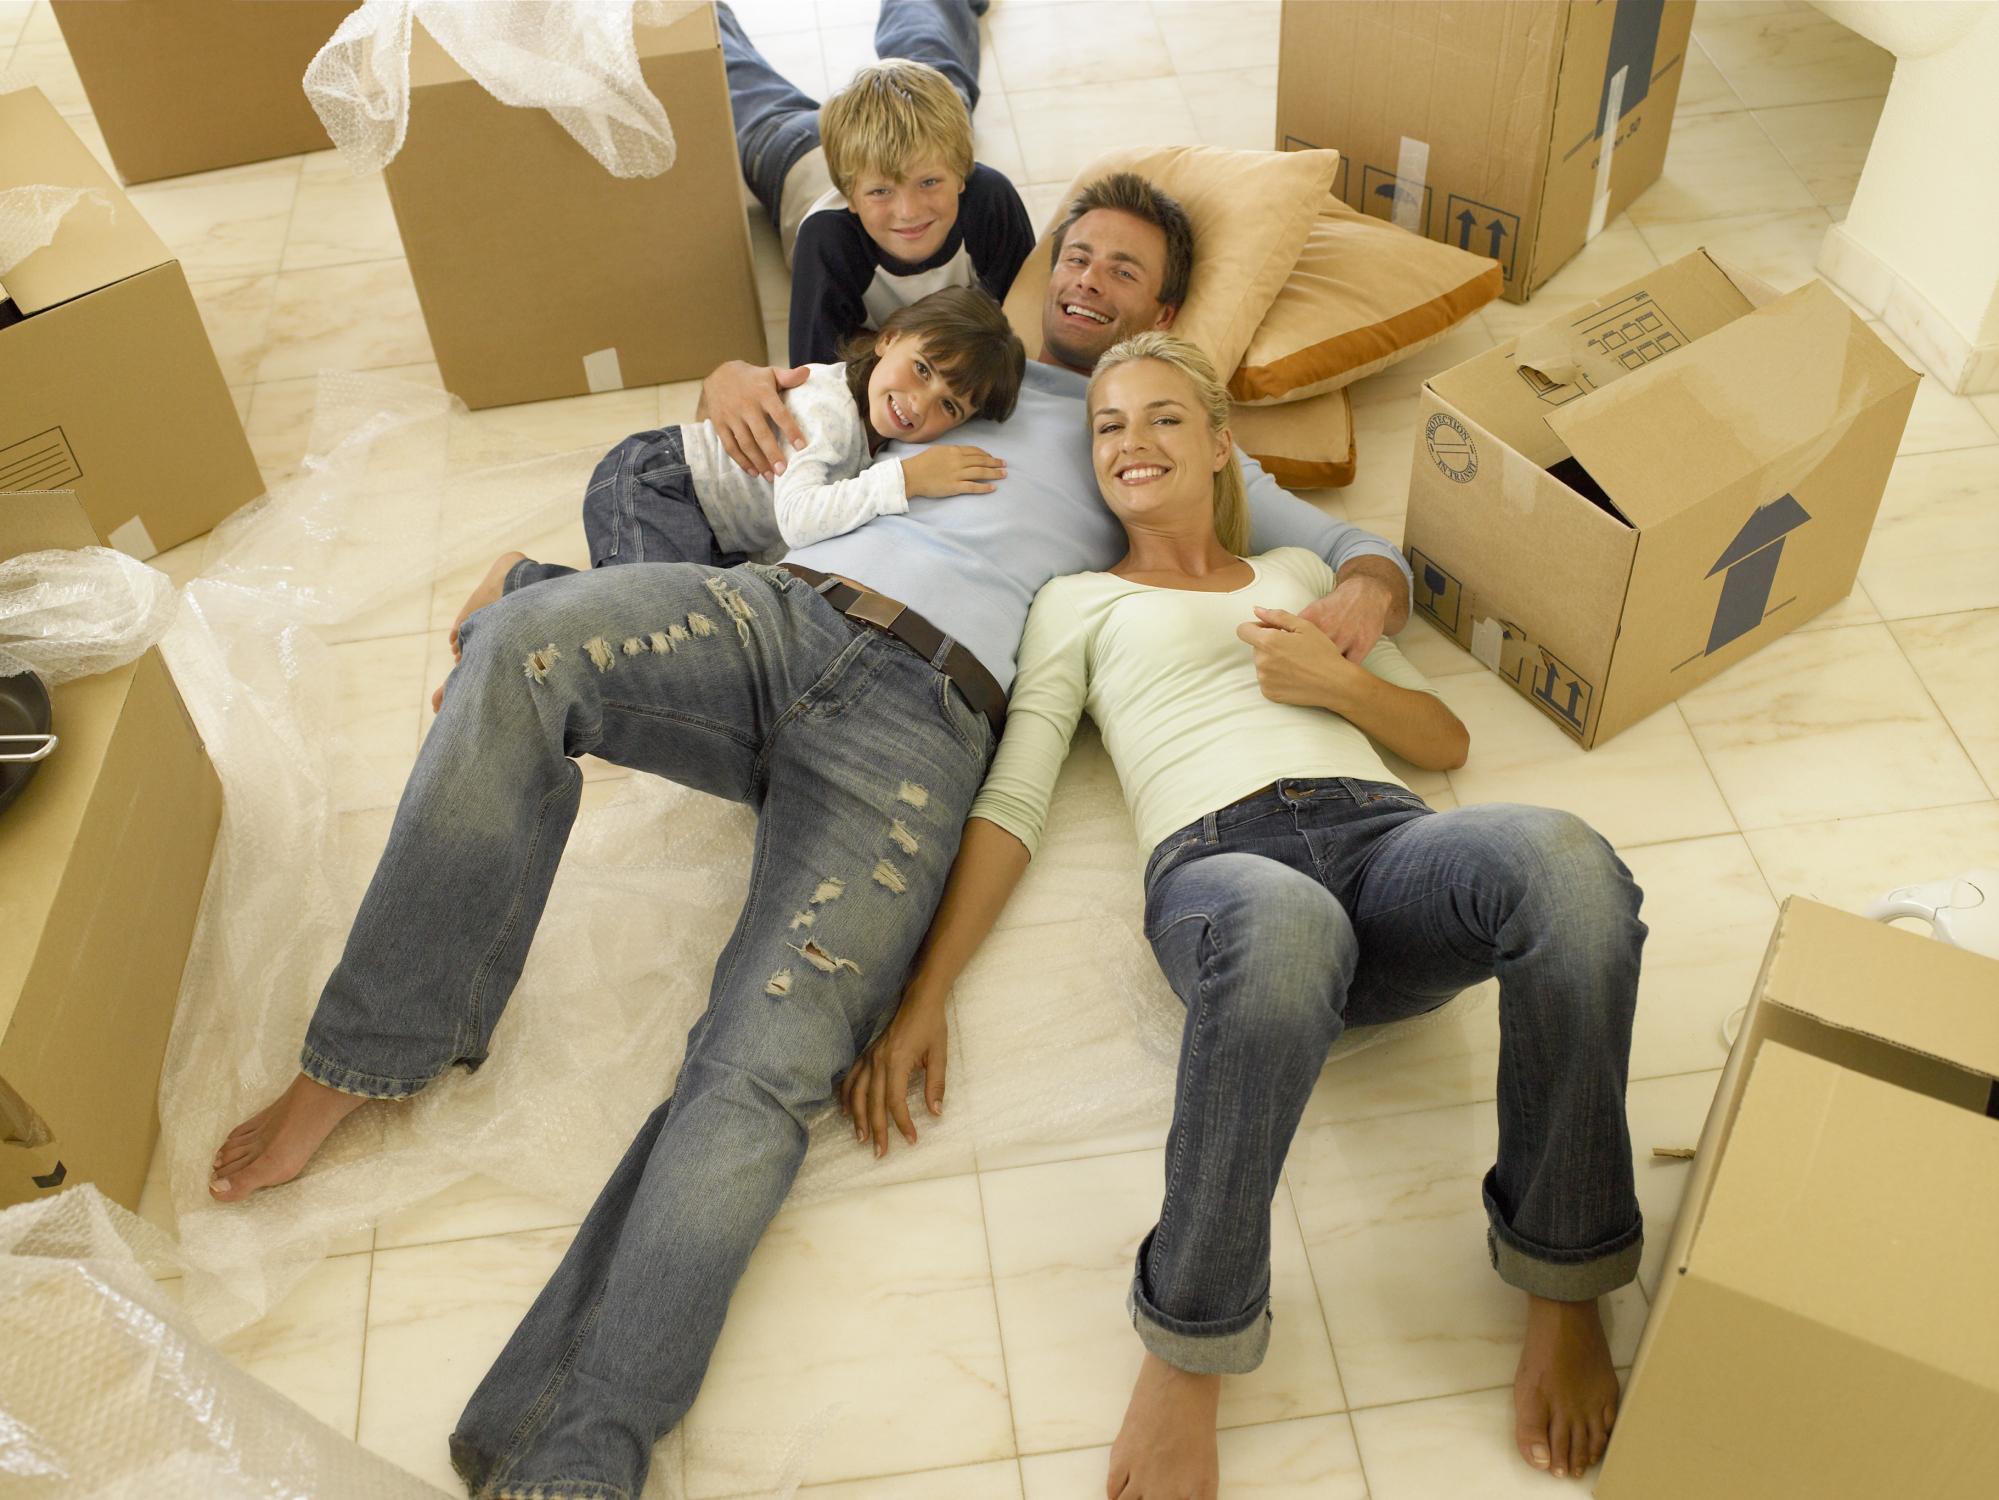 טיפים יעילים למעבר דירה חלק ובטוח